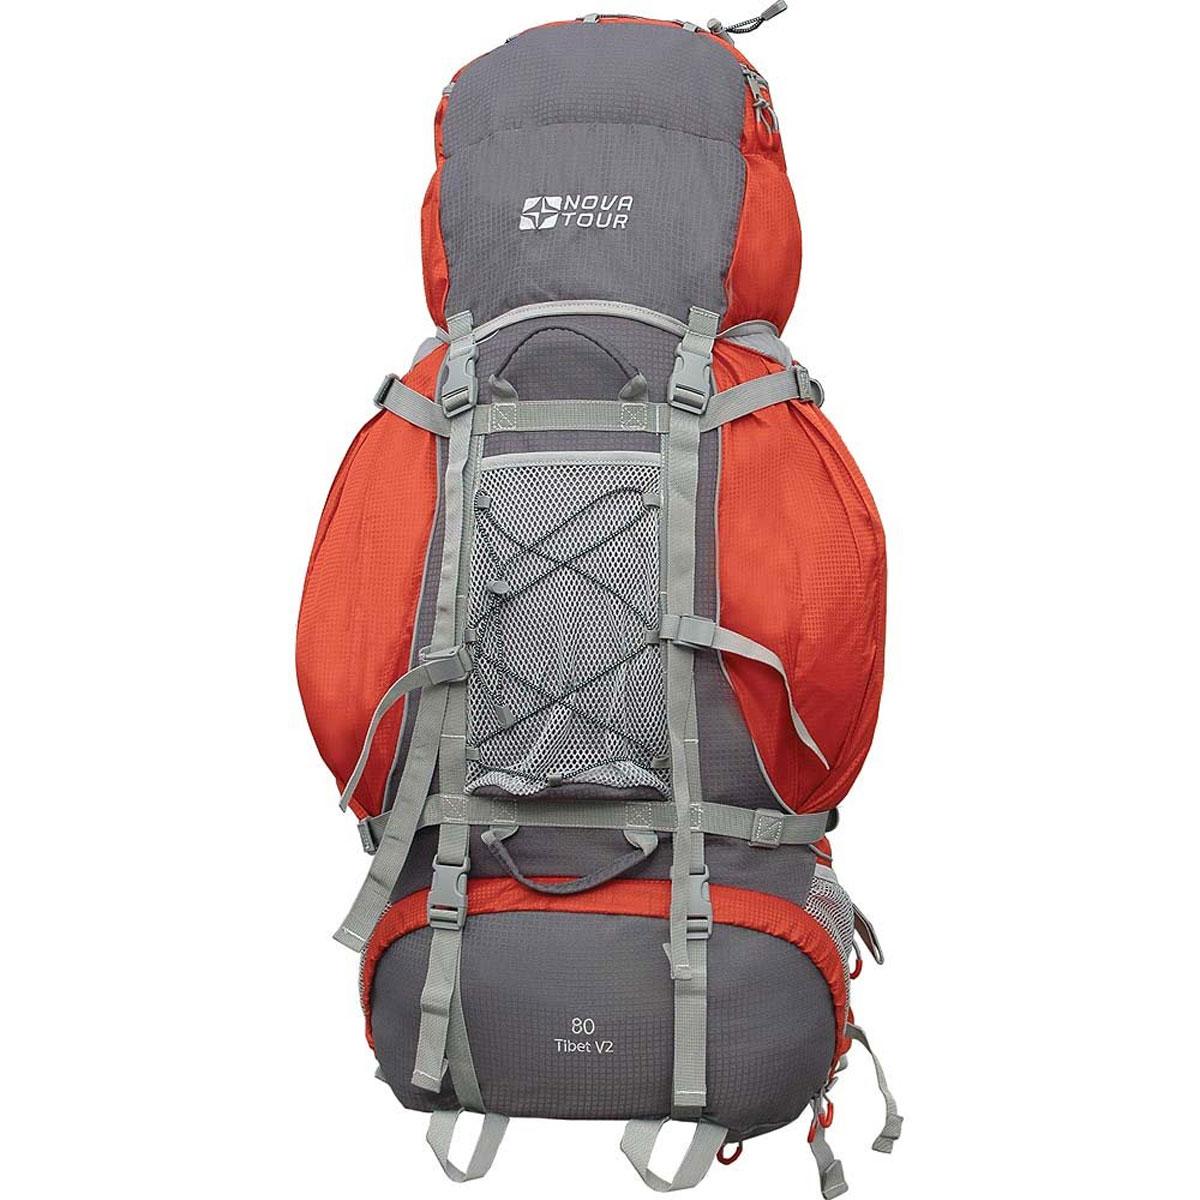 Рюкзак туристический Nova Tour Тибет 80 V2, цвет: серый, терракотовый. 11183-258-0011183-258-00Прочный рюкзак большого объема для классического туризма. Вы можете не ограничивать себя в количестве вещей, ведь этот рюкзак с двумя вместительными карманами на молнии, сетчатыми карманами для фляги и мелочей по обеим бокам рюкзака, а также объемным клапаном. Ваша спина не устанет во время длительных переходов с удобной подвесной системой, разработанной специально для переноски тяжелых грузов. Удобство при погрузке рюкзака в транспорт обеспечивают три усиленных ручки. Если в пути застанет дождь или снег не беда! В специальном кармане на дне рюкзака упакован непромокаемый гермочехол. На концах боковых стяжек имеются липучки для закрепления излишков стропы.Особенности:Прочная ткань с непромокаемой пропиткой.Сетчатый материал, отводящий влагу от вашего тела. Применяется на лямках, спинках и поясе рюкзака.Светоотражающий кант - для обеспечения безопасности в темное время суток.Съемный чехол для защиты от влаги и грязи, размещенный в специальном кармане рюкзака.Грудная стяжка для правильной фиксации лямок рюкзака и предотвращения их соскальзывания.Молния специальной конструкции для защиты от попадания влаги.Надежная и удобная фиксация вашего снаряжения снаружи рюкзака.Подвеска: ABS 1.Ткань: Poly Oxford Ripstop.Объем: 80 л.